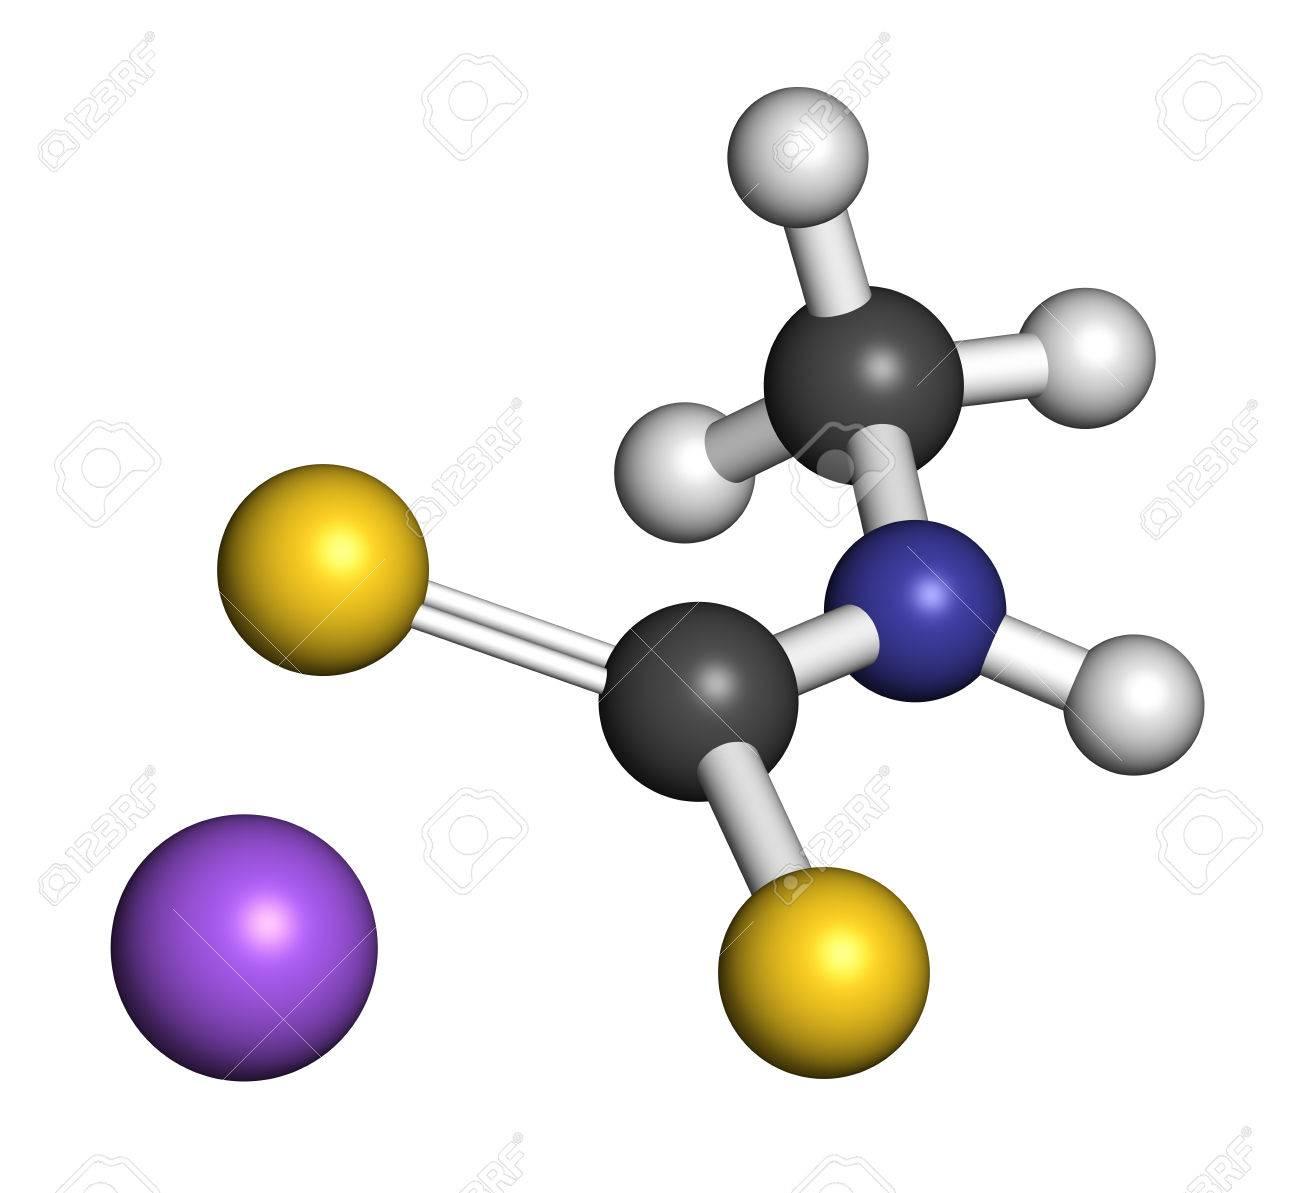 Metam Sodium Pesticide Molecule. 3D Rendering. Atoms Are Represented ...